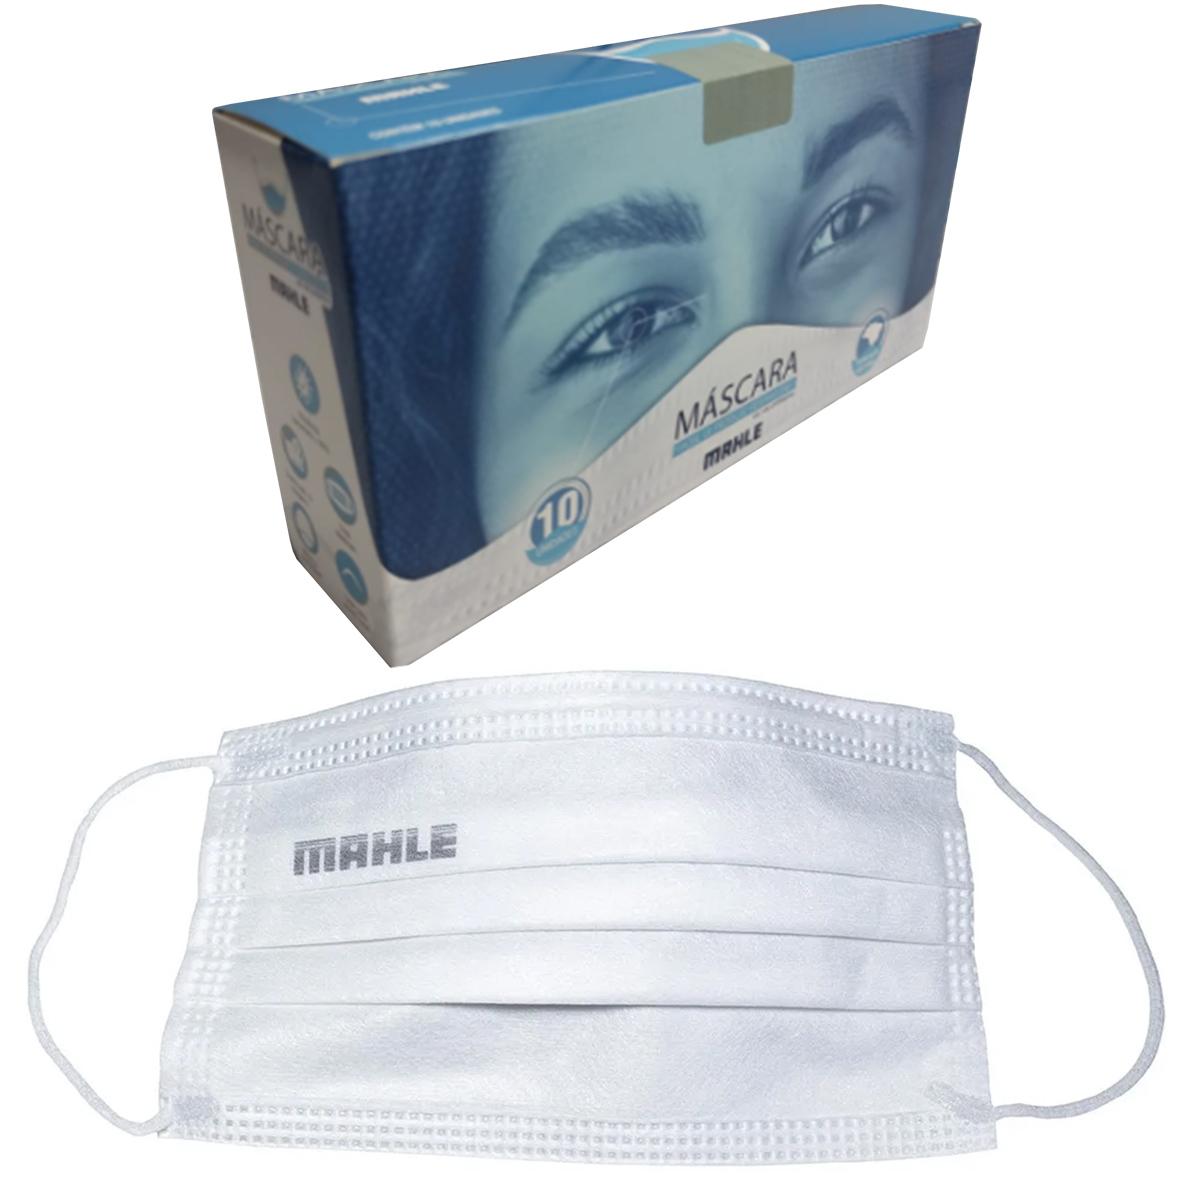 Máscara Facial Camada Dupla Proteção Com Elástico e Clip Nasal Ajuste no Nariz Caixa Com 10 Unidades Descartável - MAHLE  - Conexao Brasil Autopeças